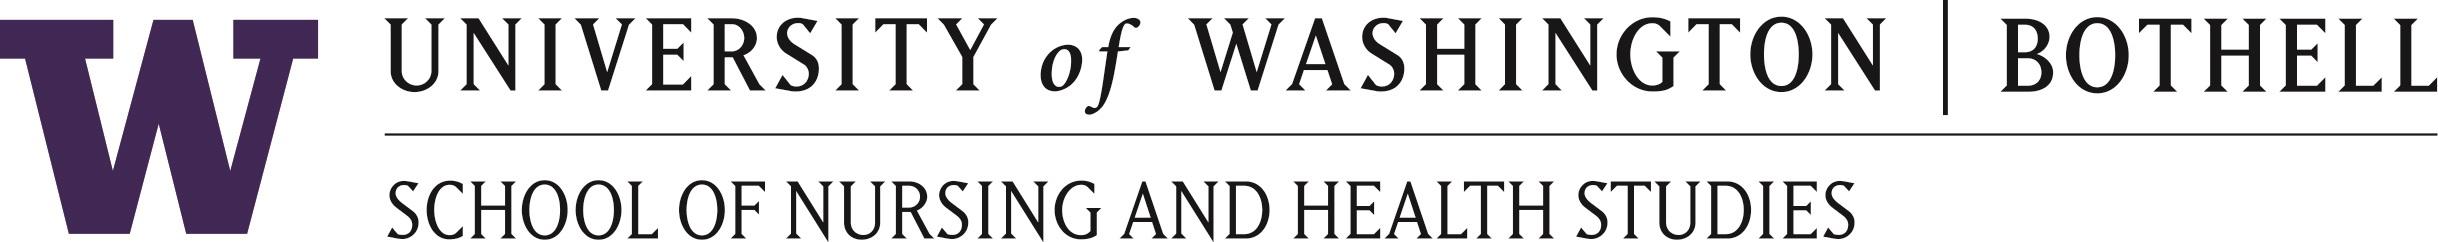 University of Washington - Bothell -Nursing and Allied Health Logo